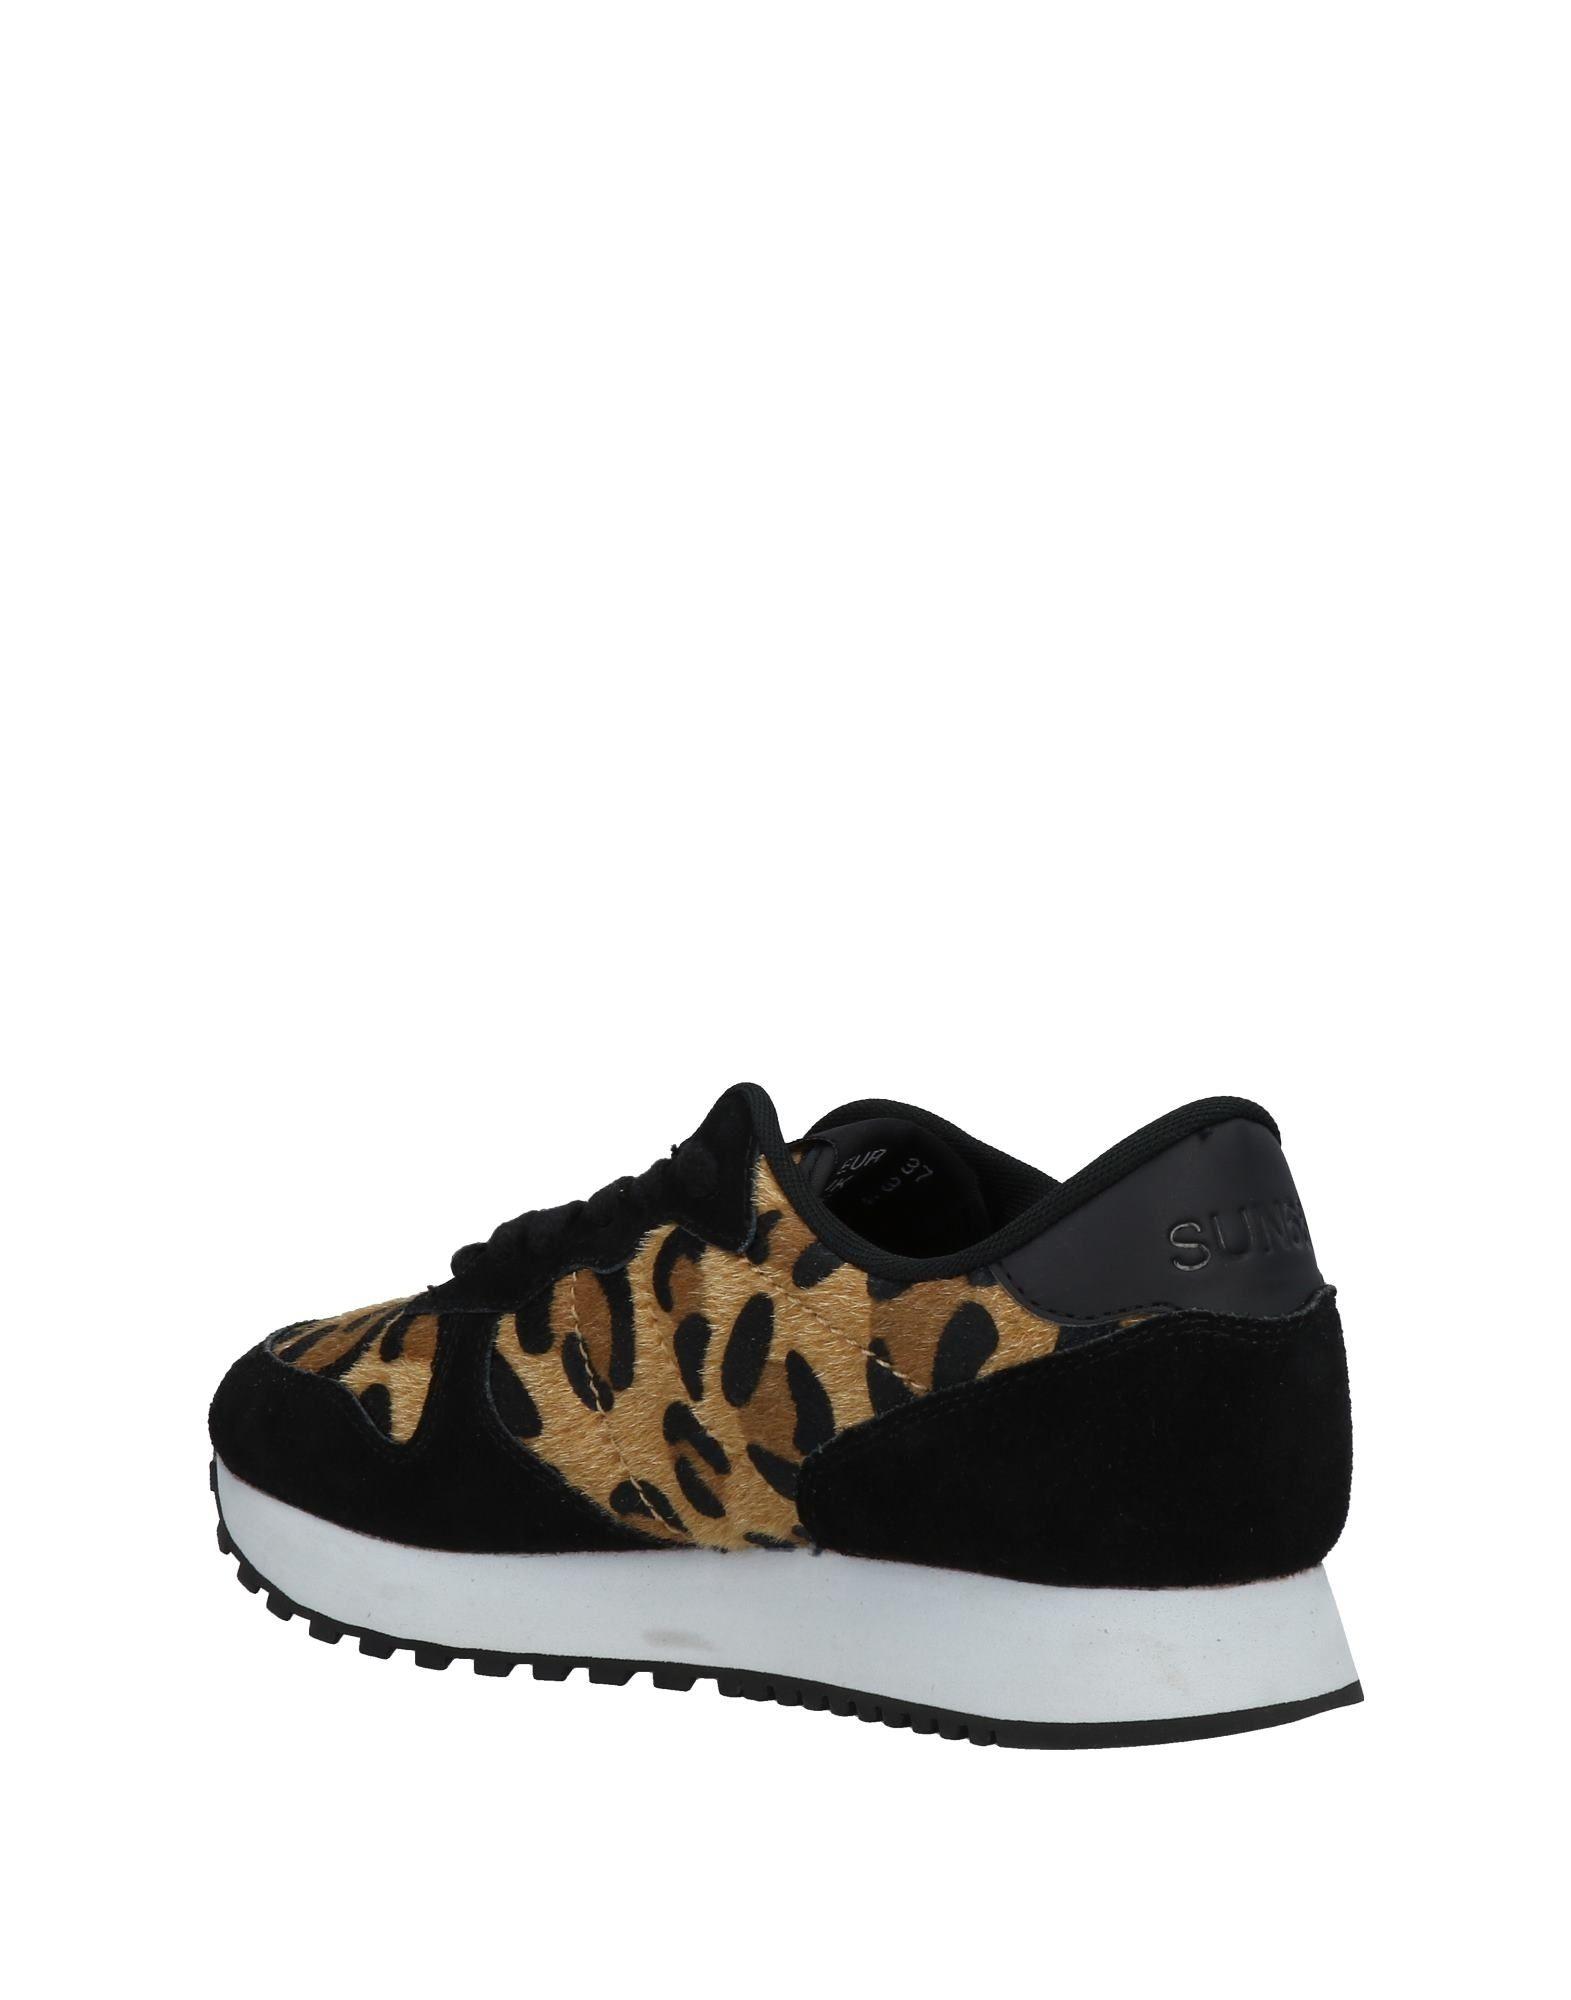 Sun 68 Sneakers Damen Damen Sneakers  11491831DW fc2de5